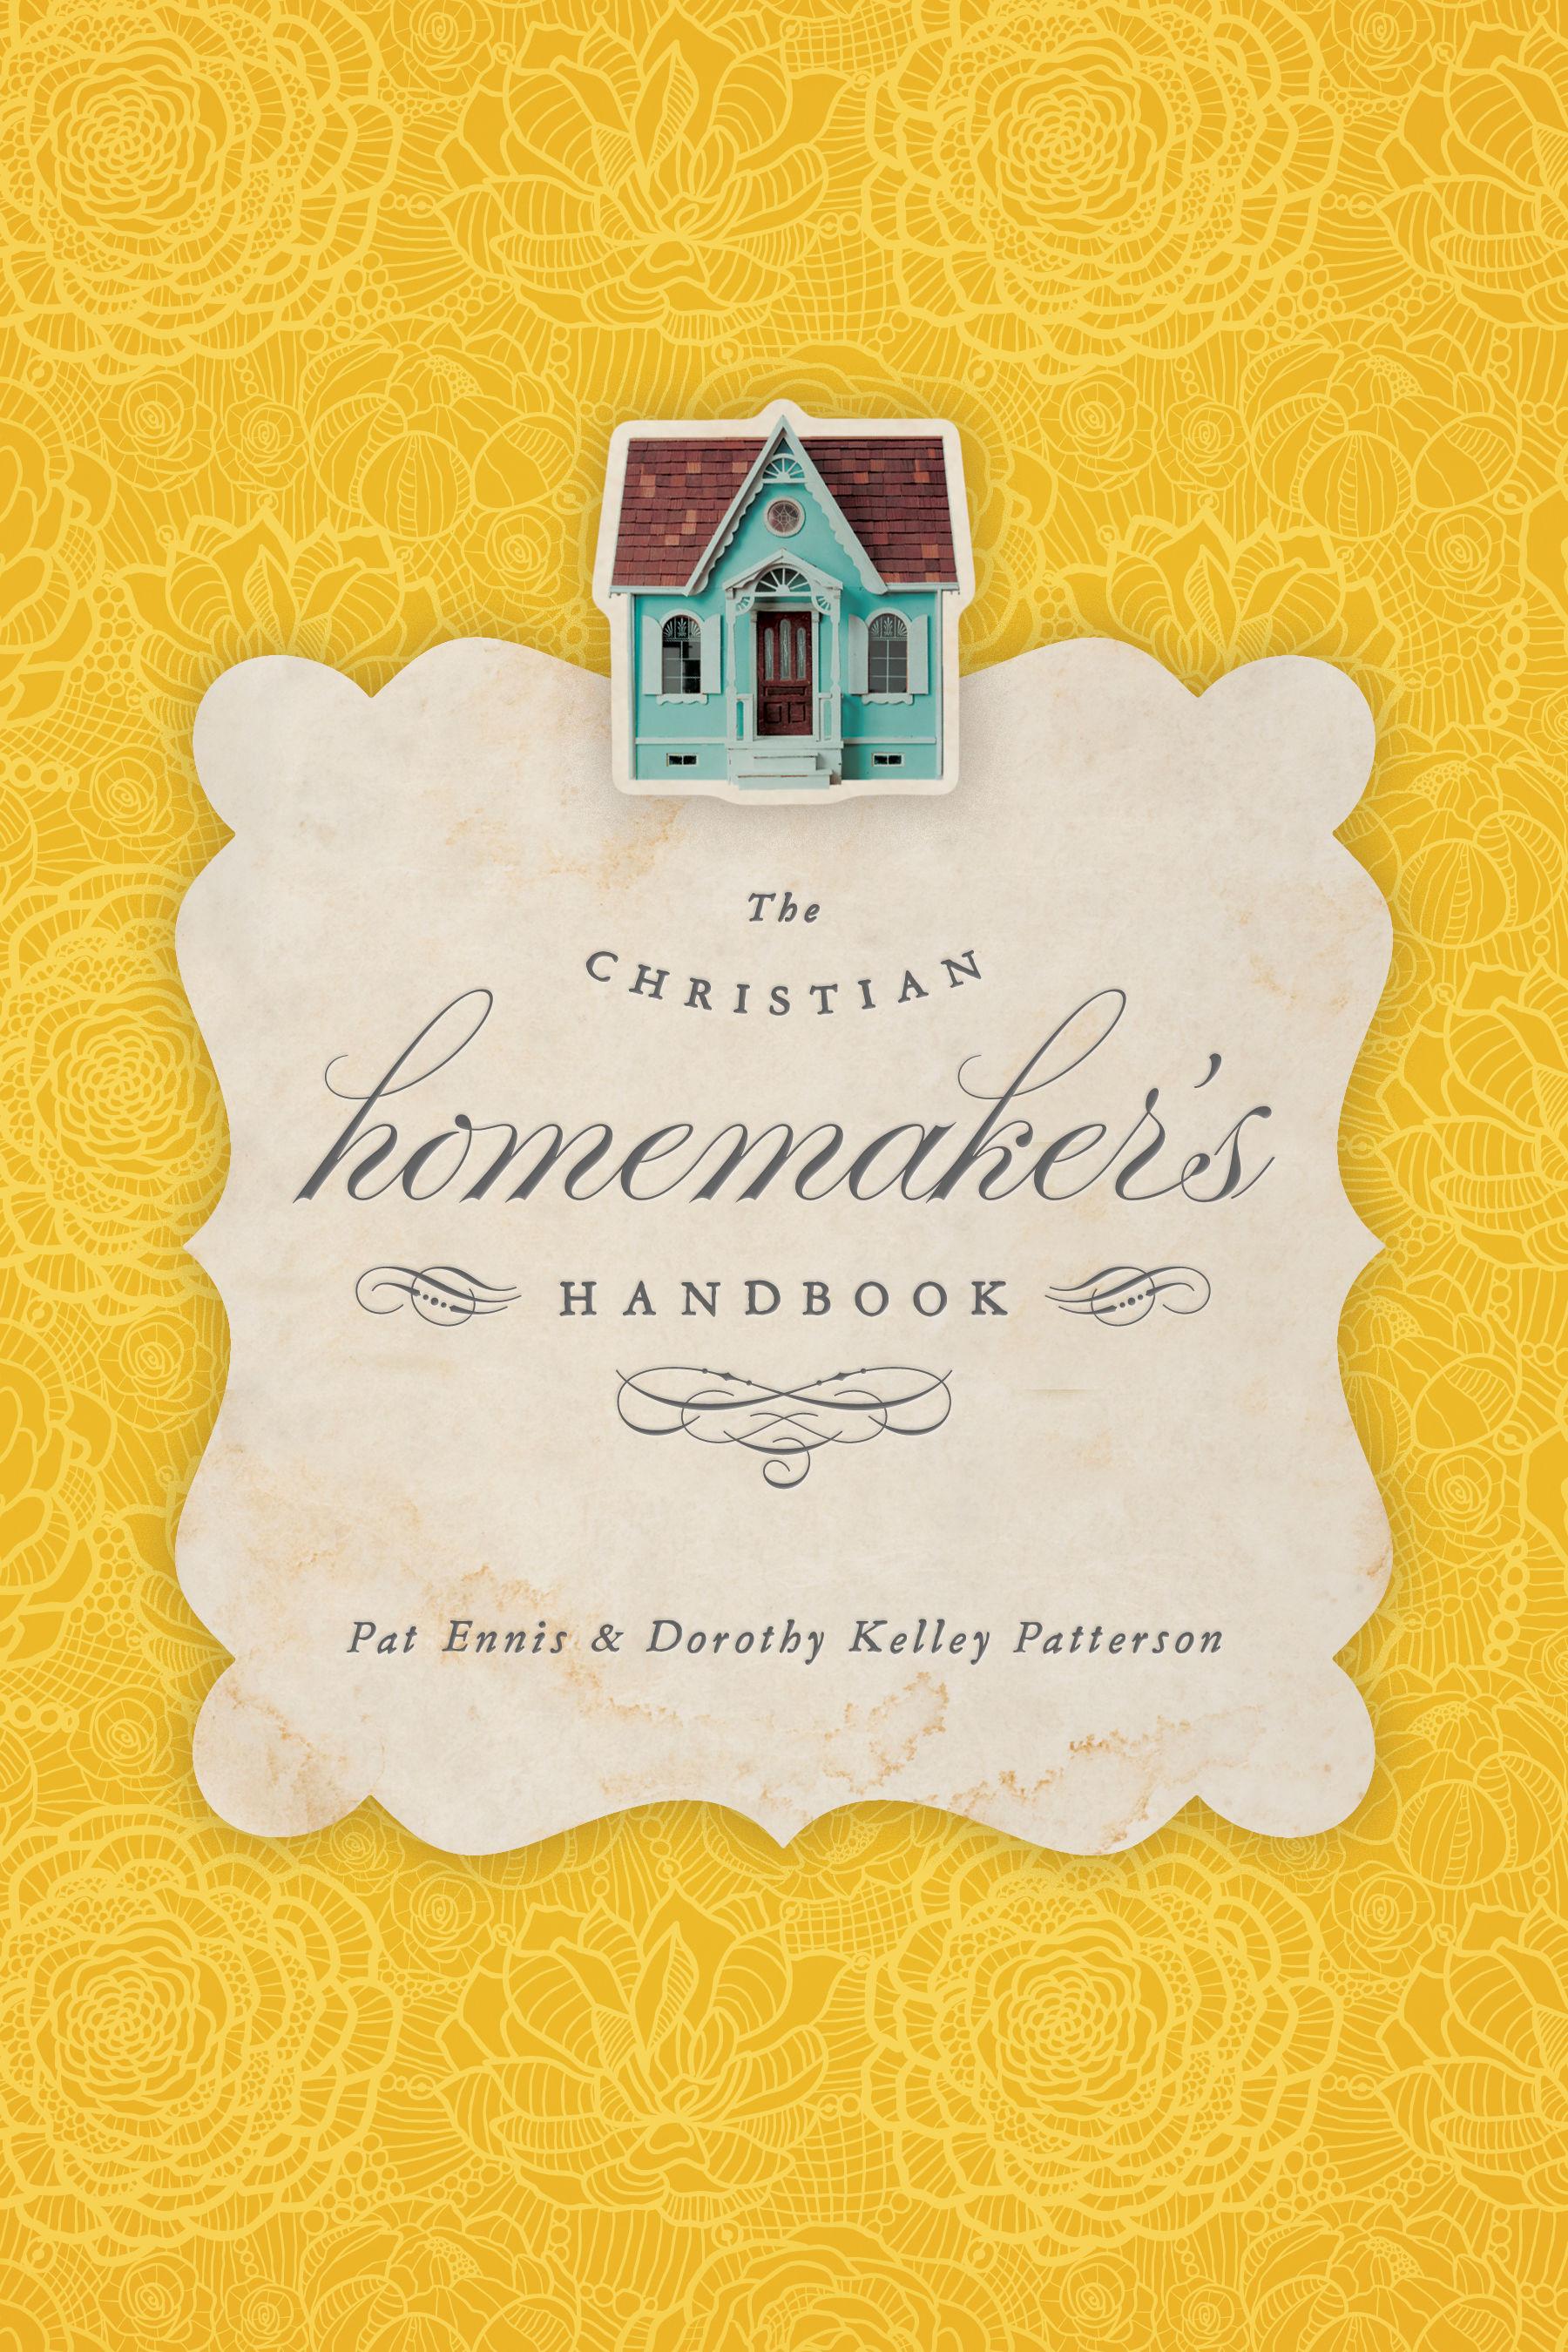 The Christian Homemaker's Handbook Cover